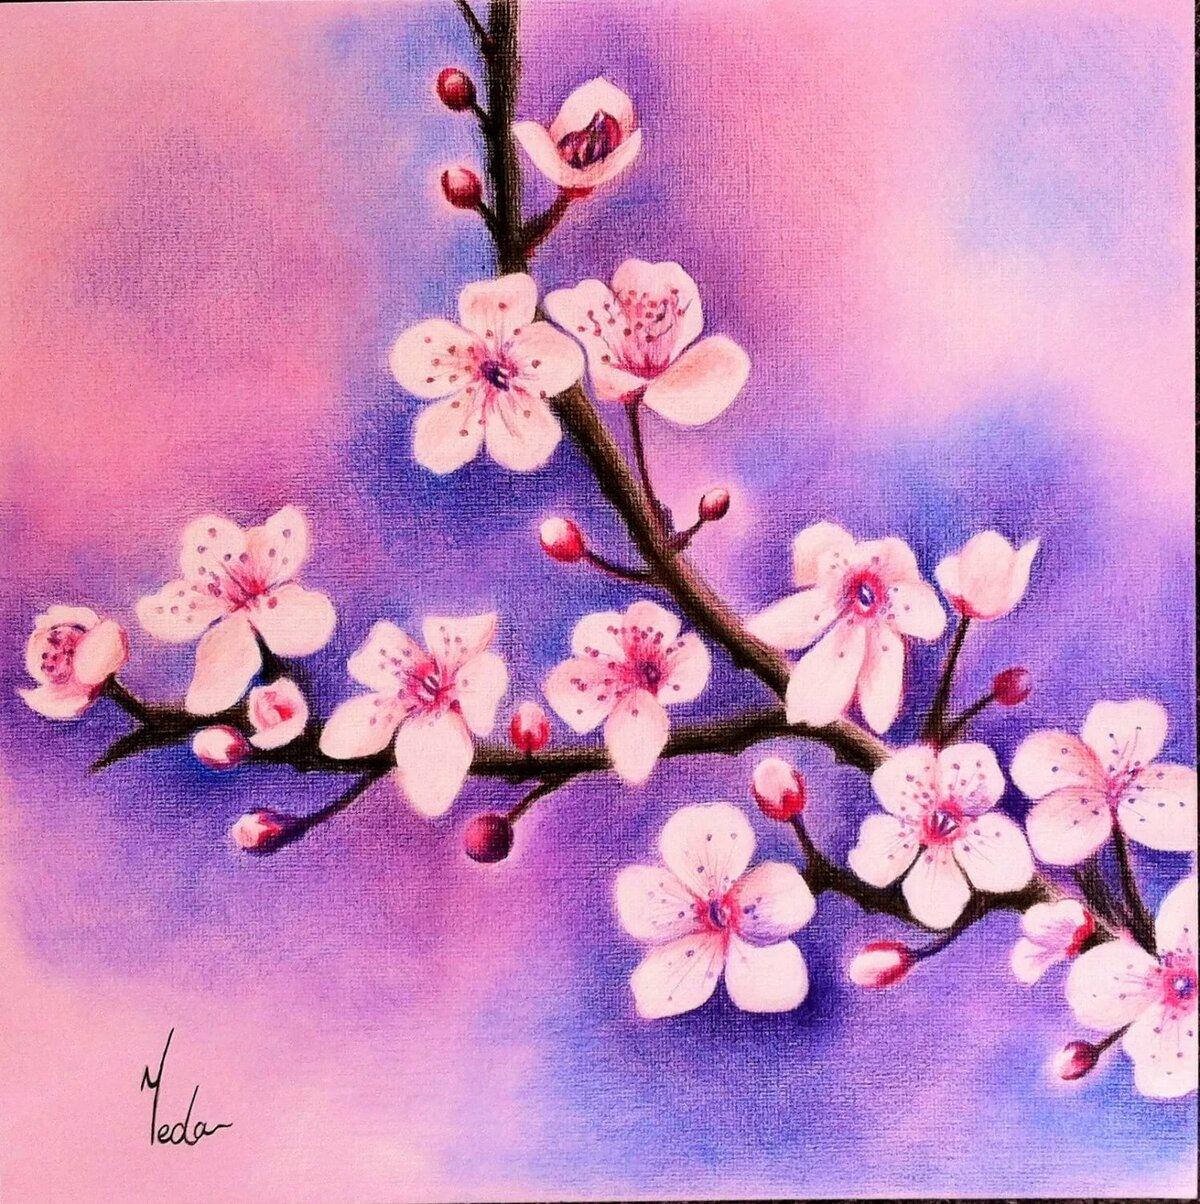 простые рисунки в цвете теплые